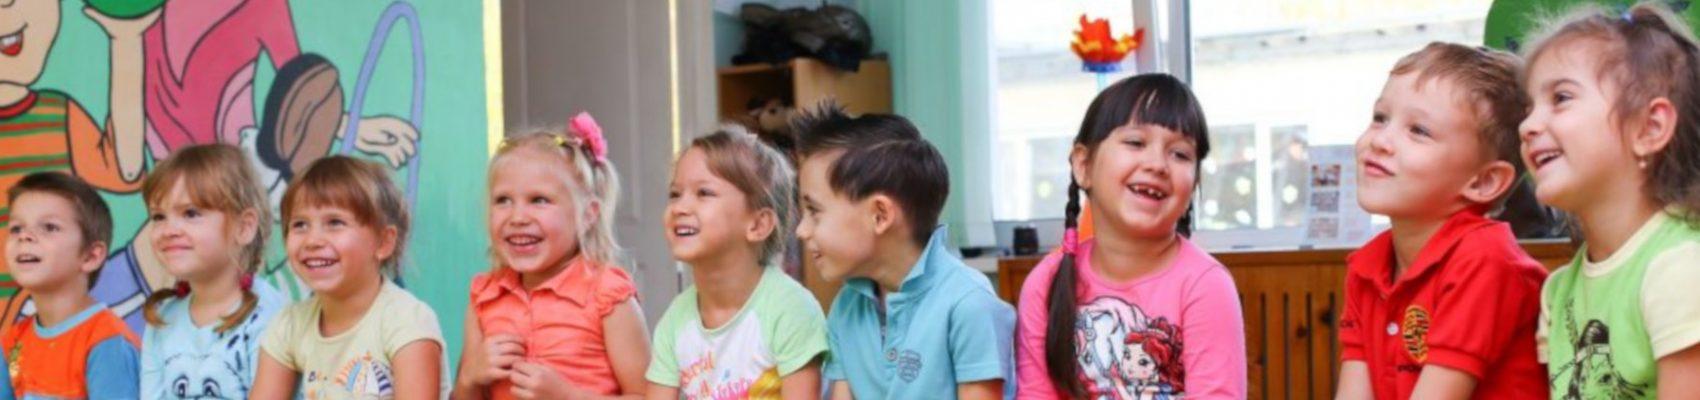 Auf dem Bild sind lachende Kinder zu sehen, die auf einer Bank sitzen.